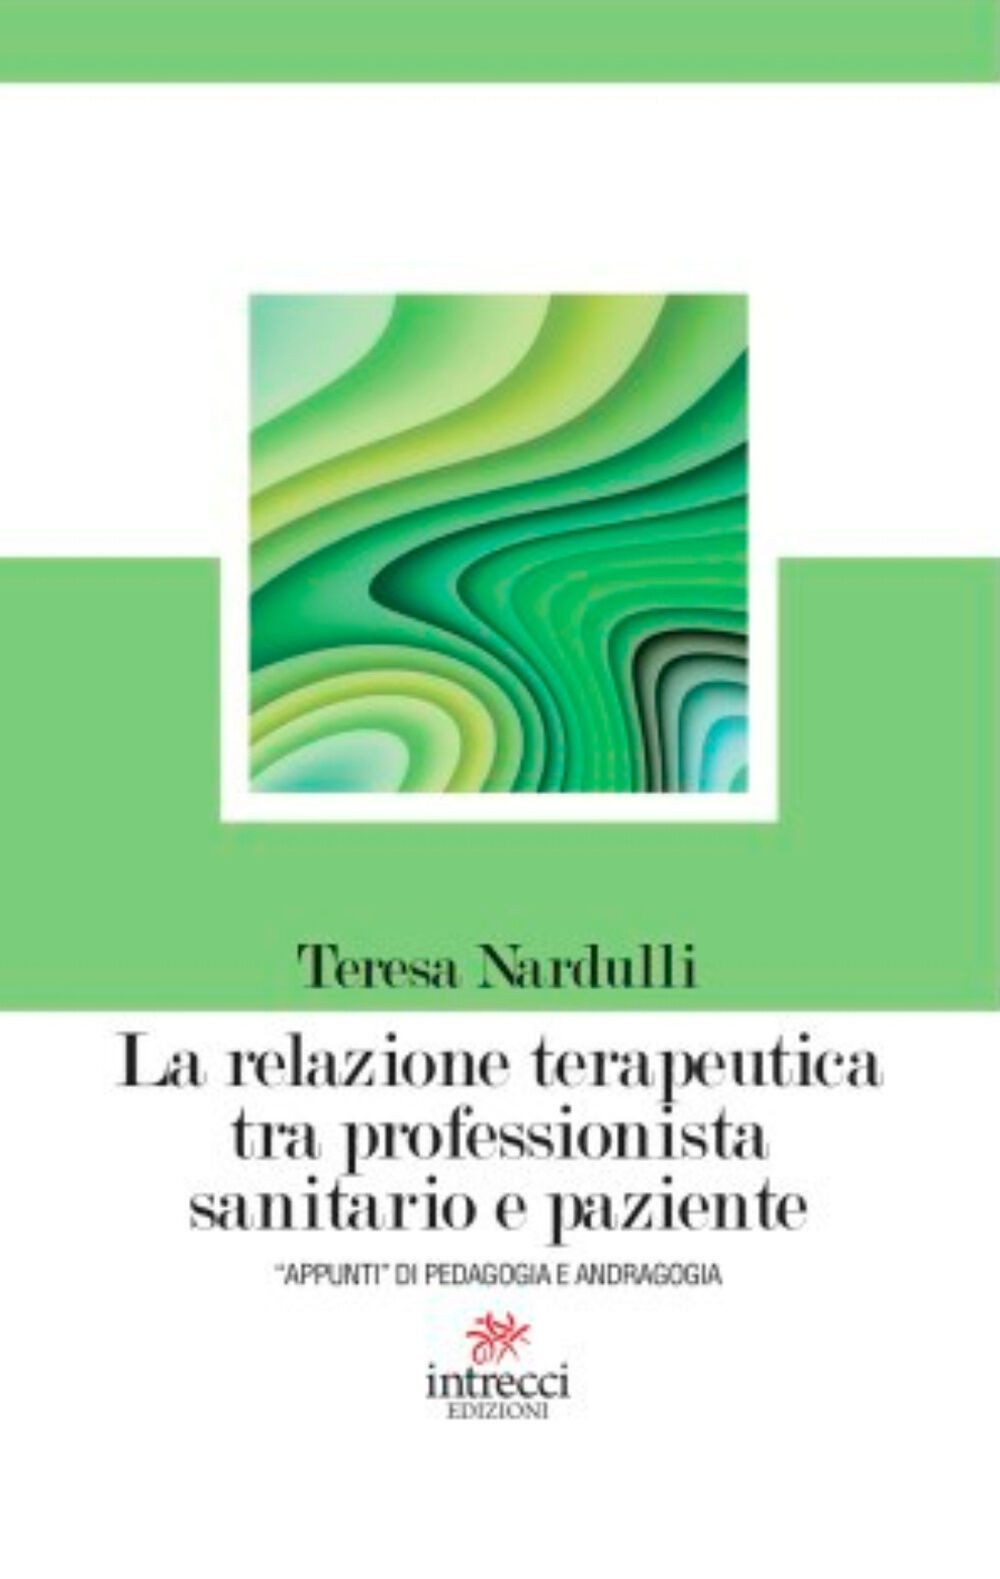 La relazione terapeutica tra professionista sanitario e paziente. «Appunti» di pedagogia e andragogia